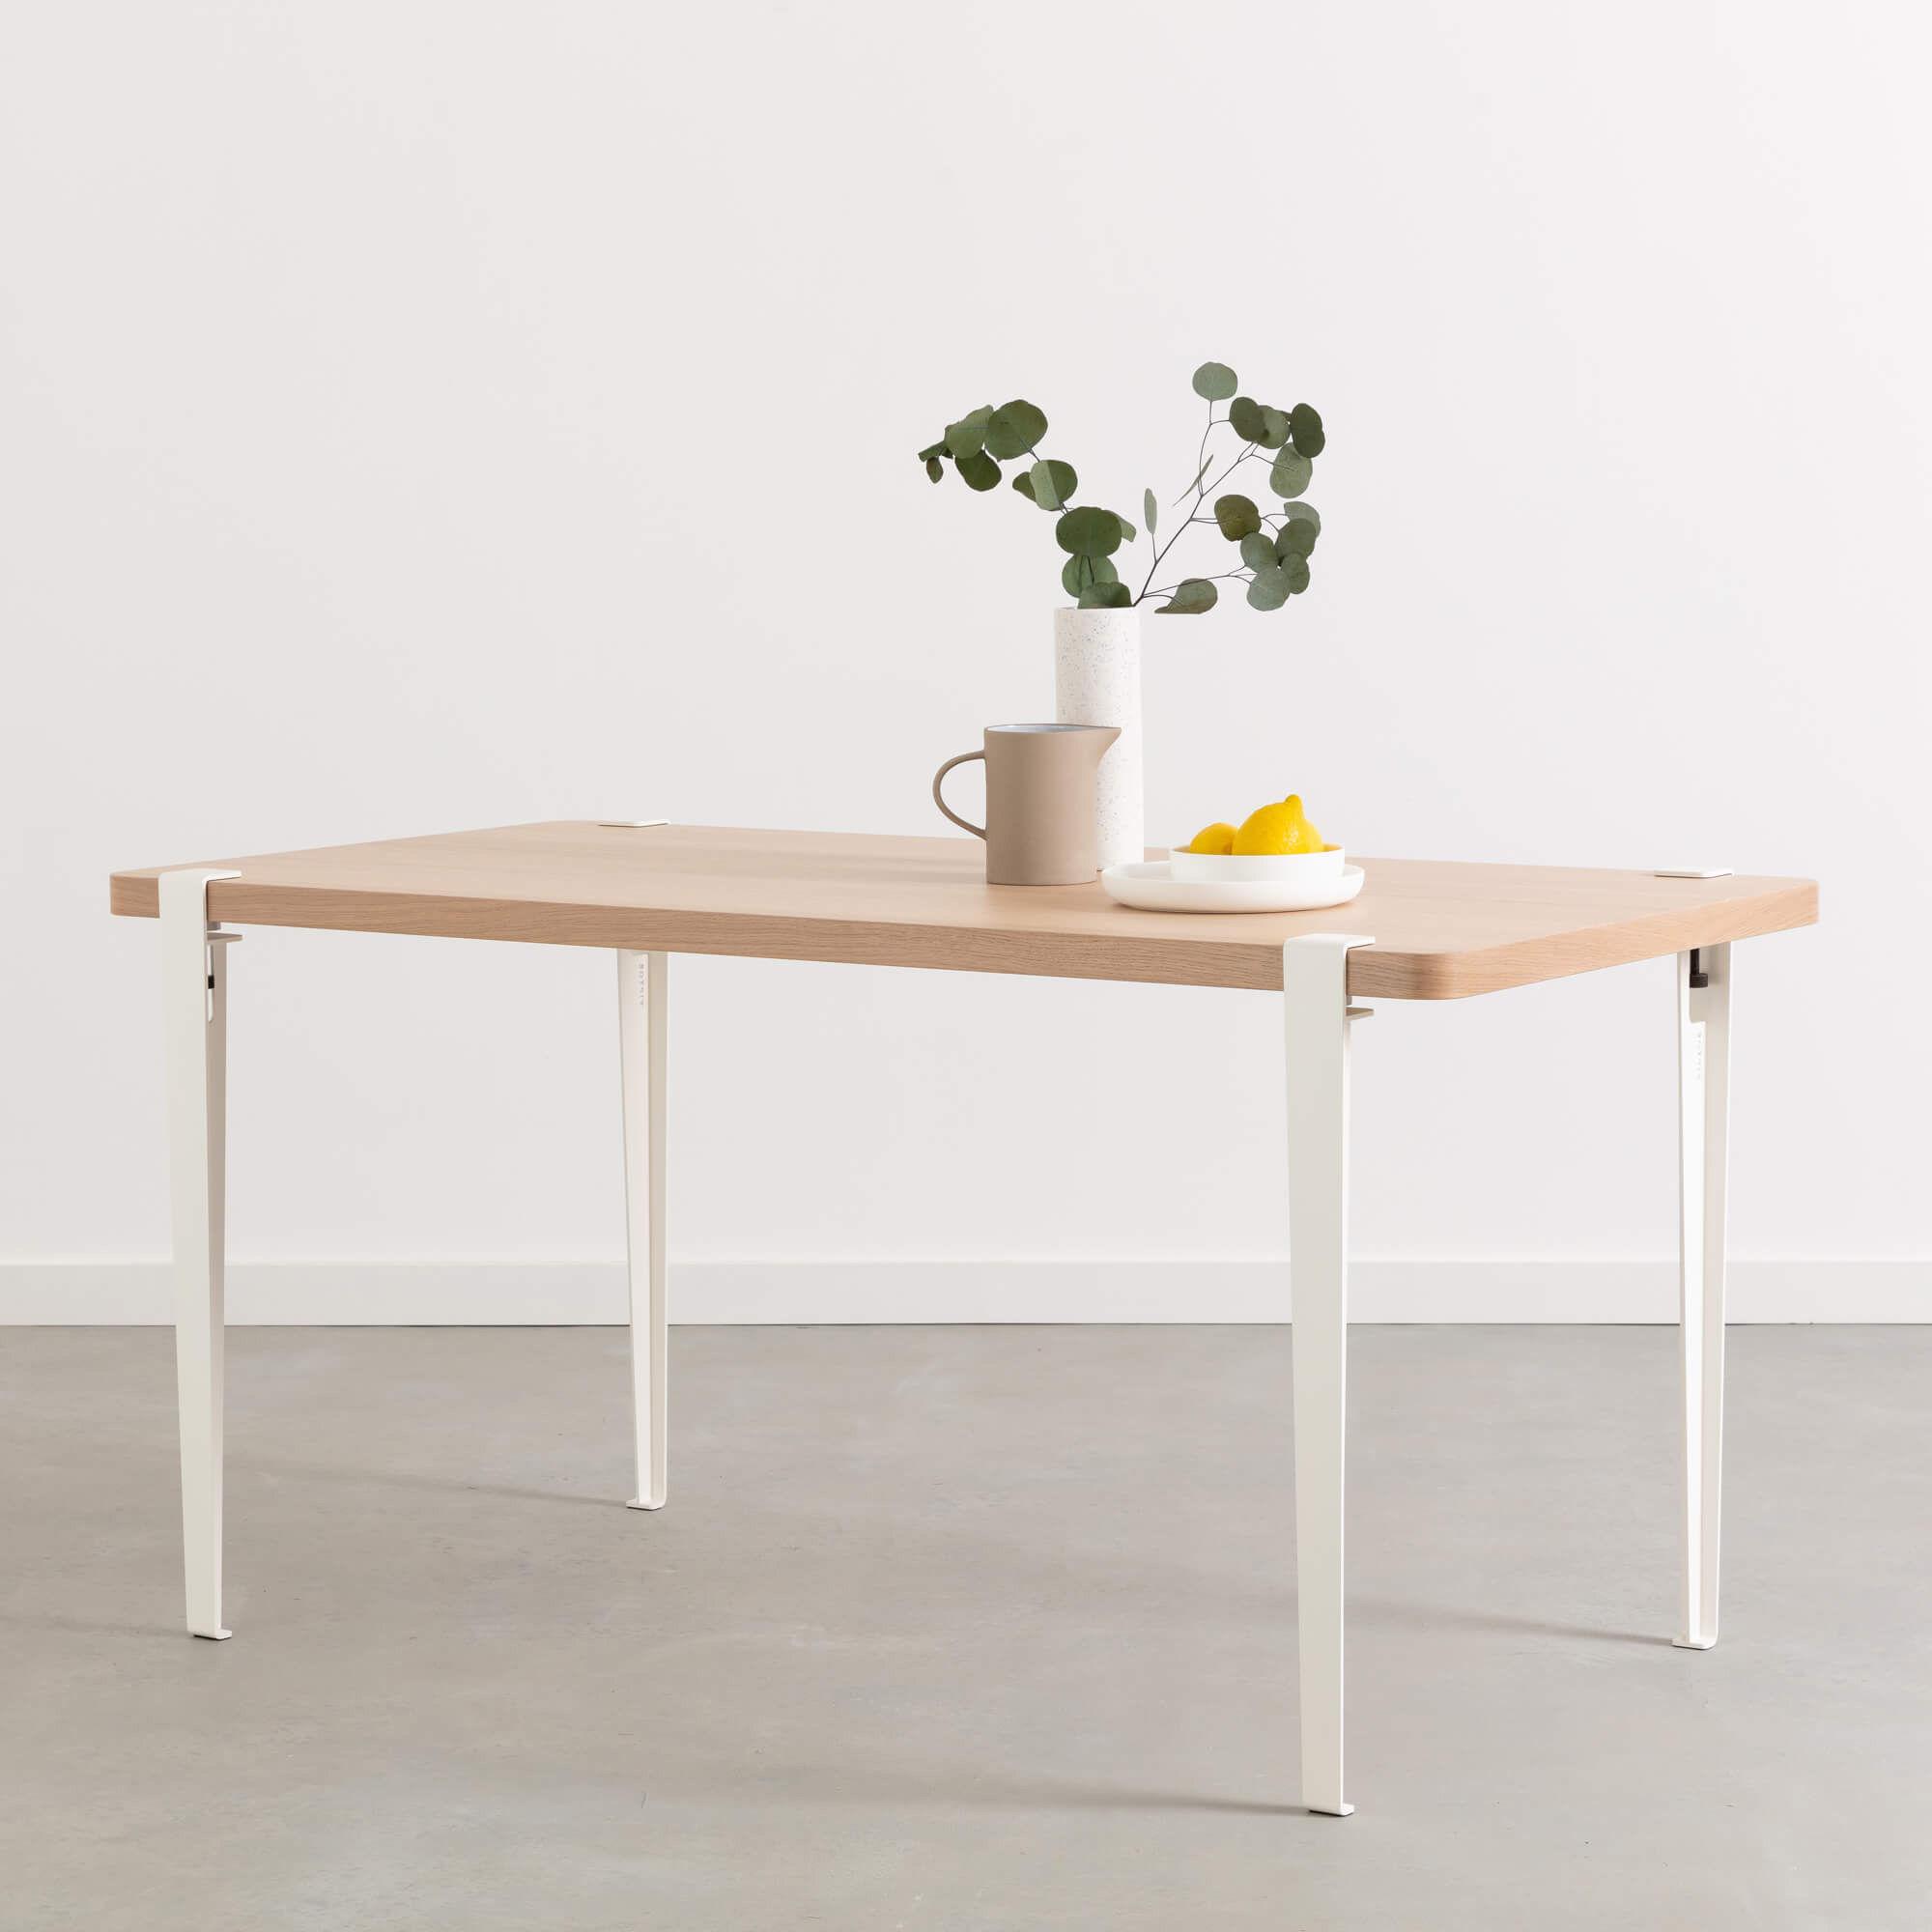 Mobilier - Bureaux - Pied avec fixation étau / H 75 cm - Pour créer table & bureau - TipToe - Blanc Nuage - Acier thermolaqué